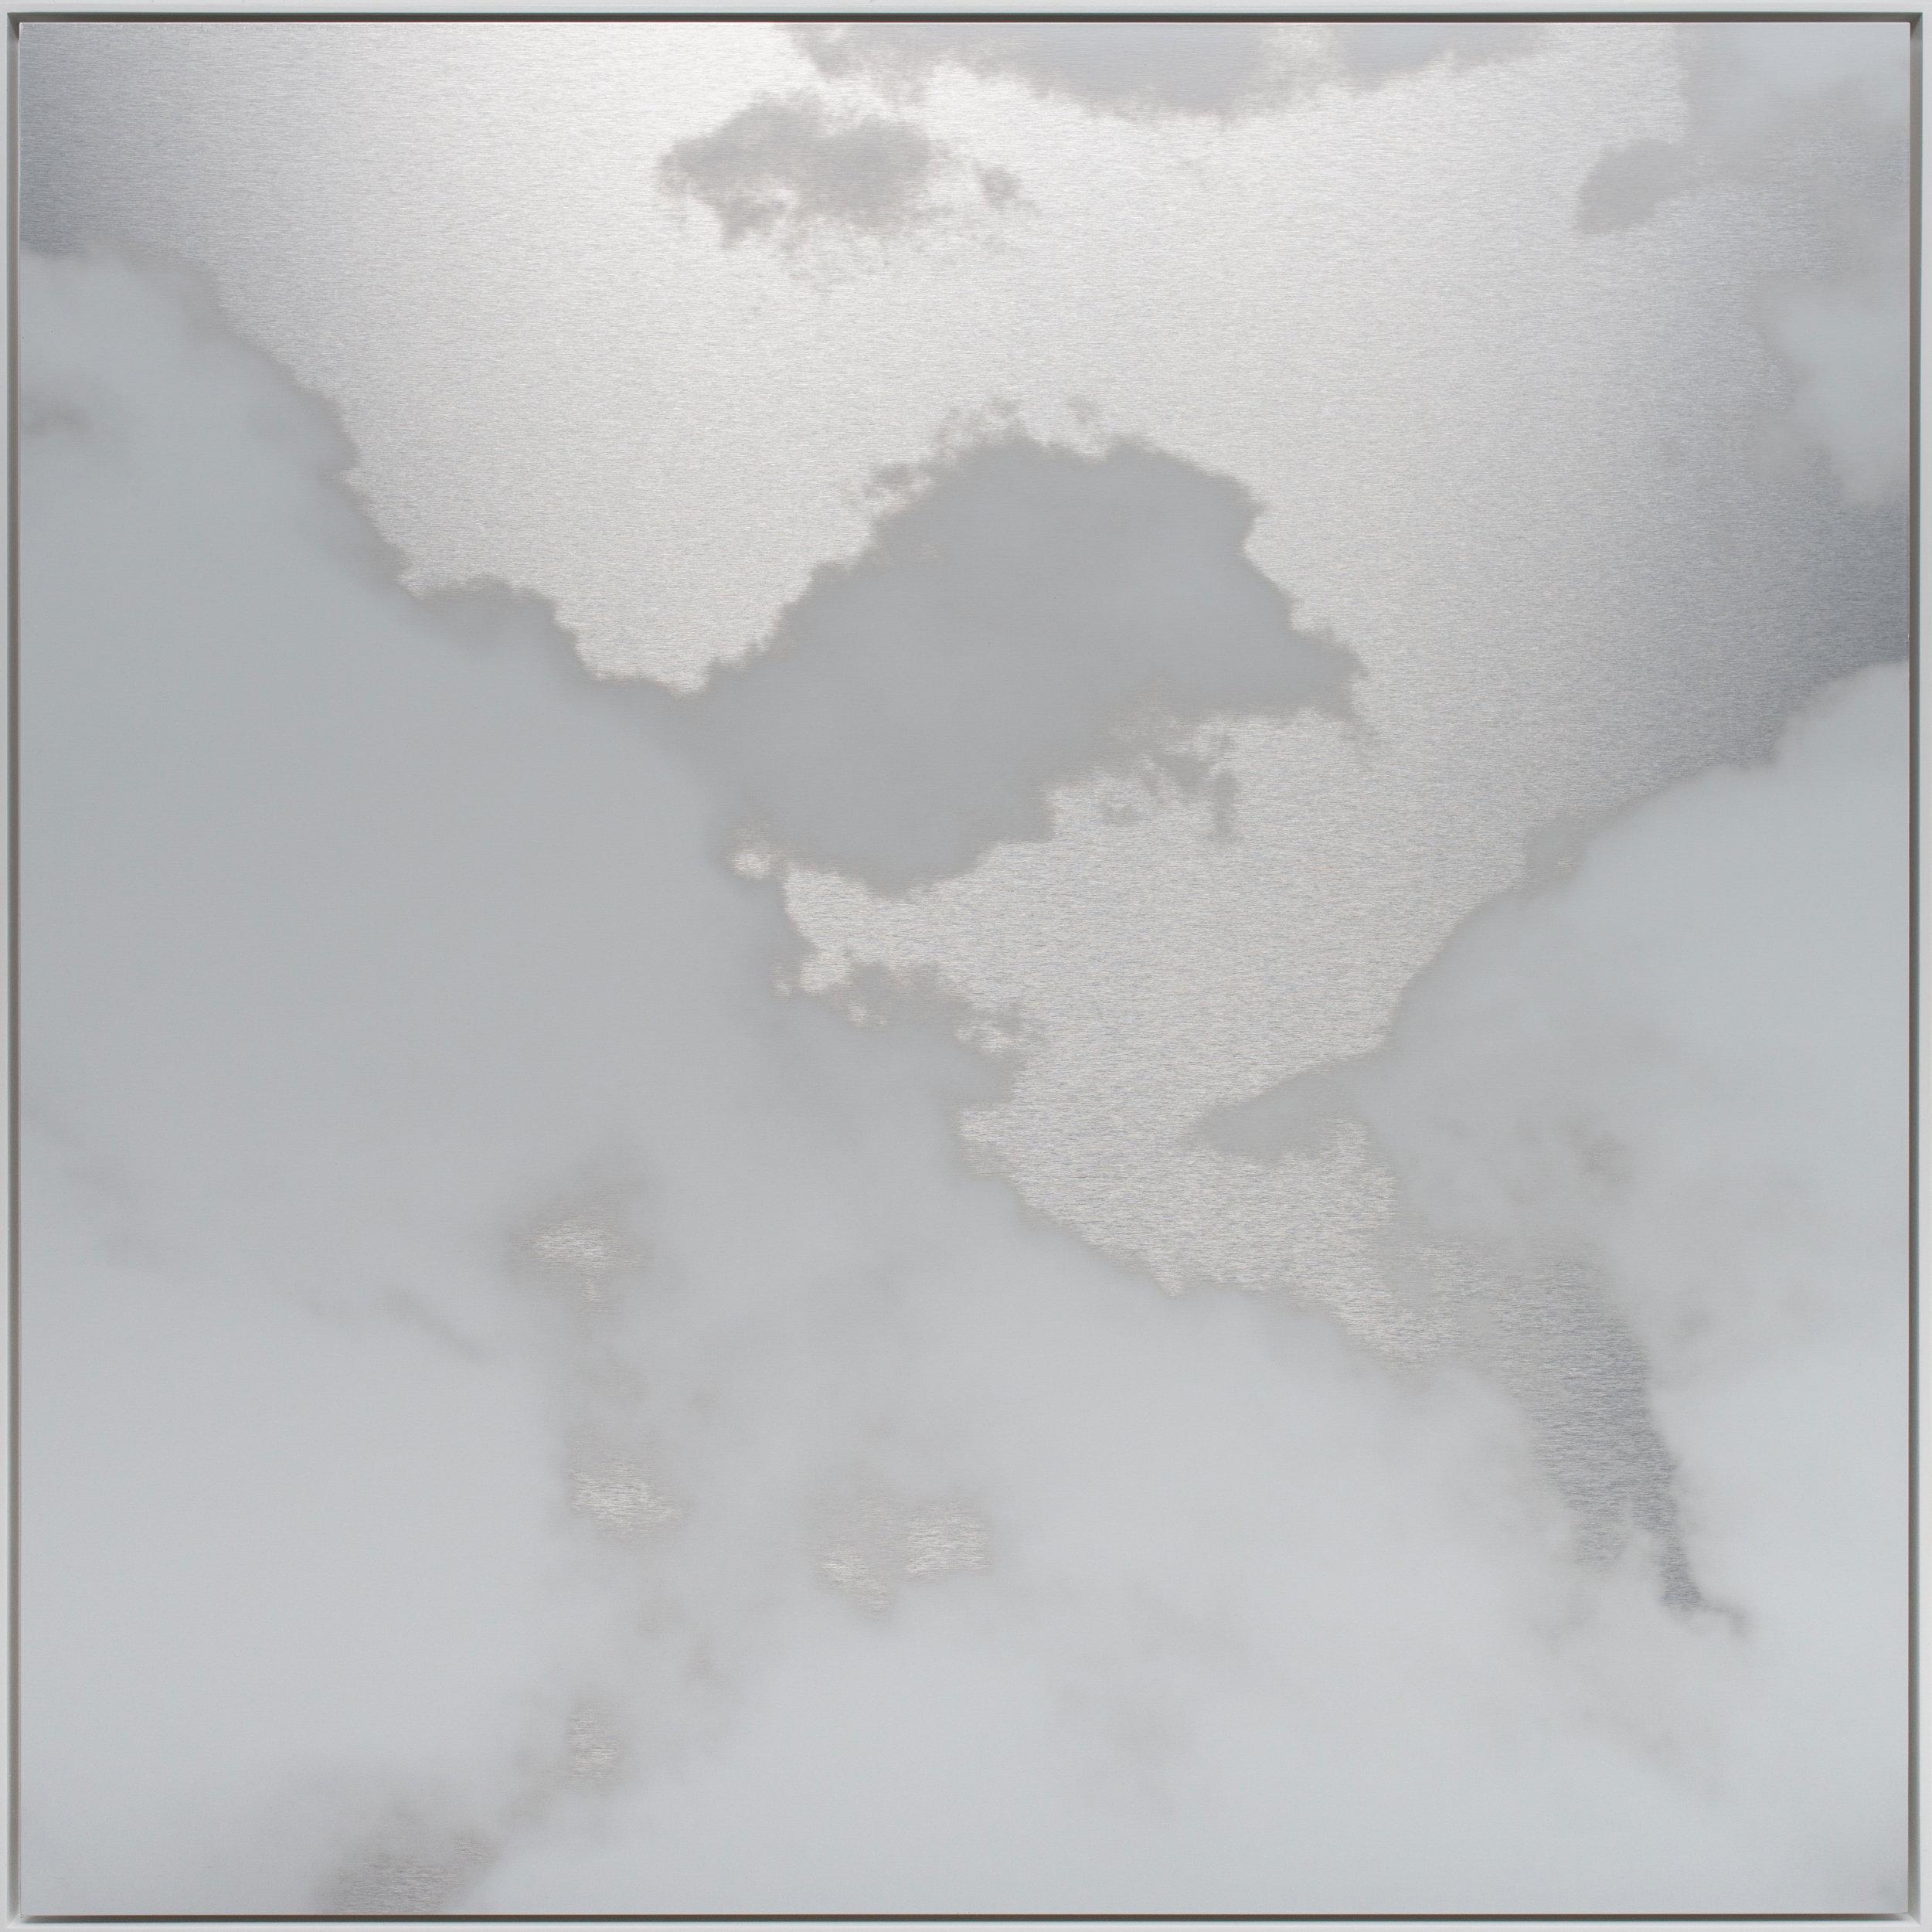 cloud-49.6-49-x-49-inches.jpg